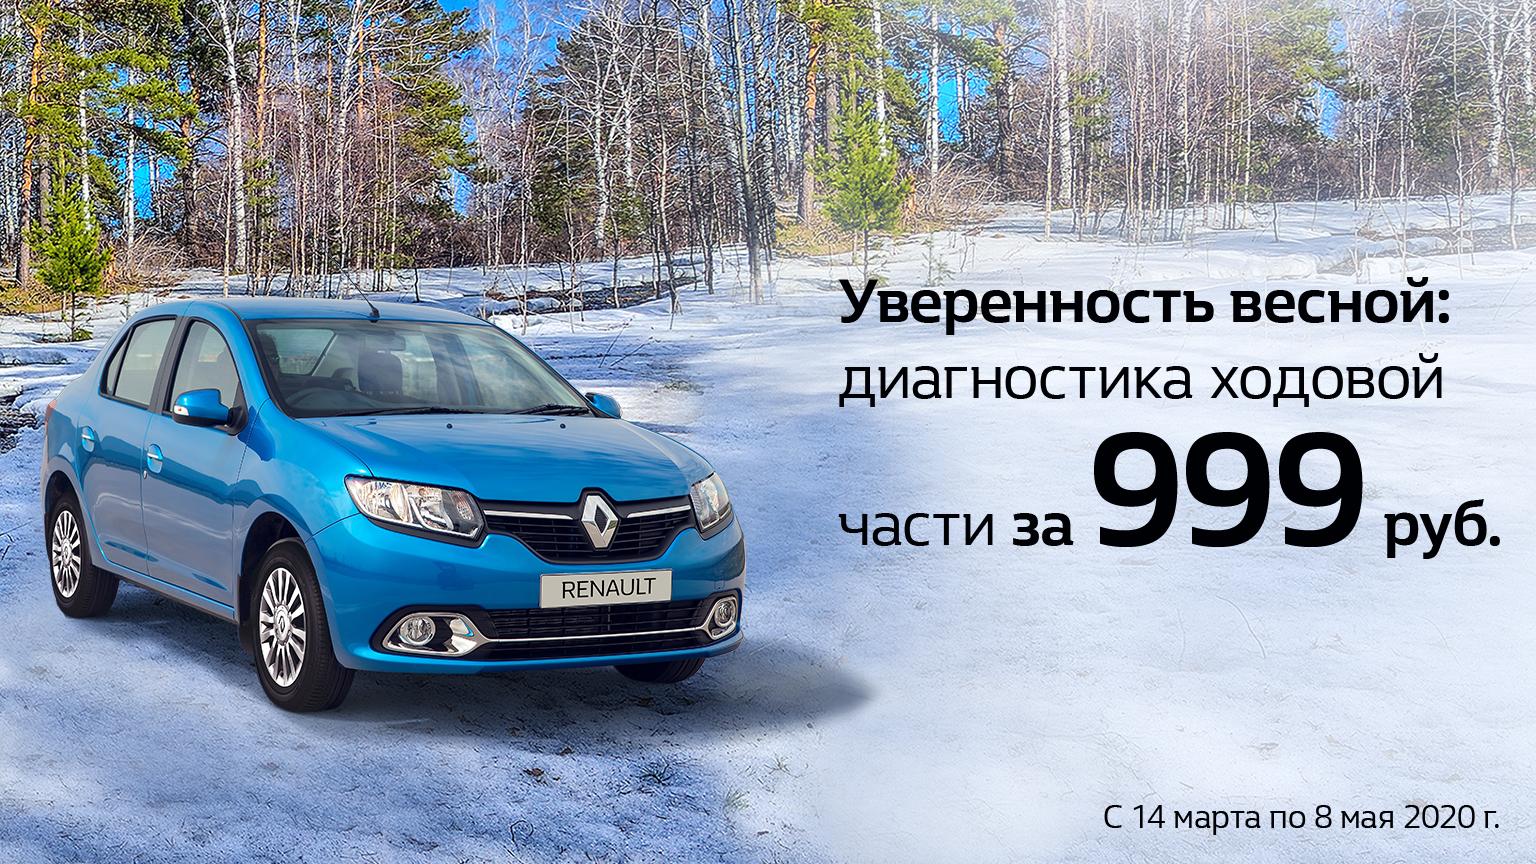 Лучшие сервисные предложения весны СИМ-Ярославль!